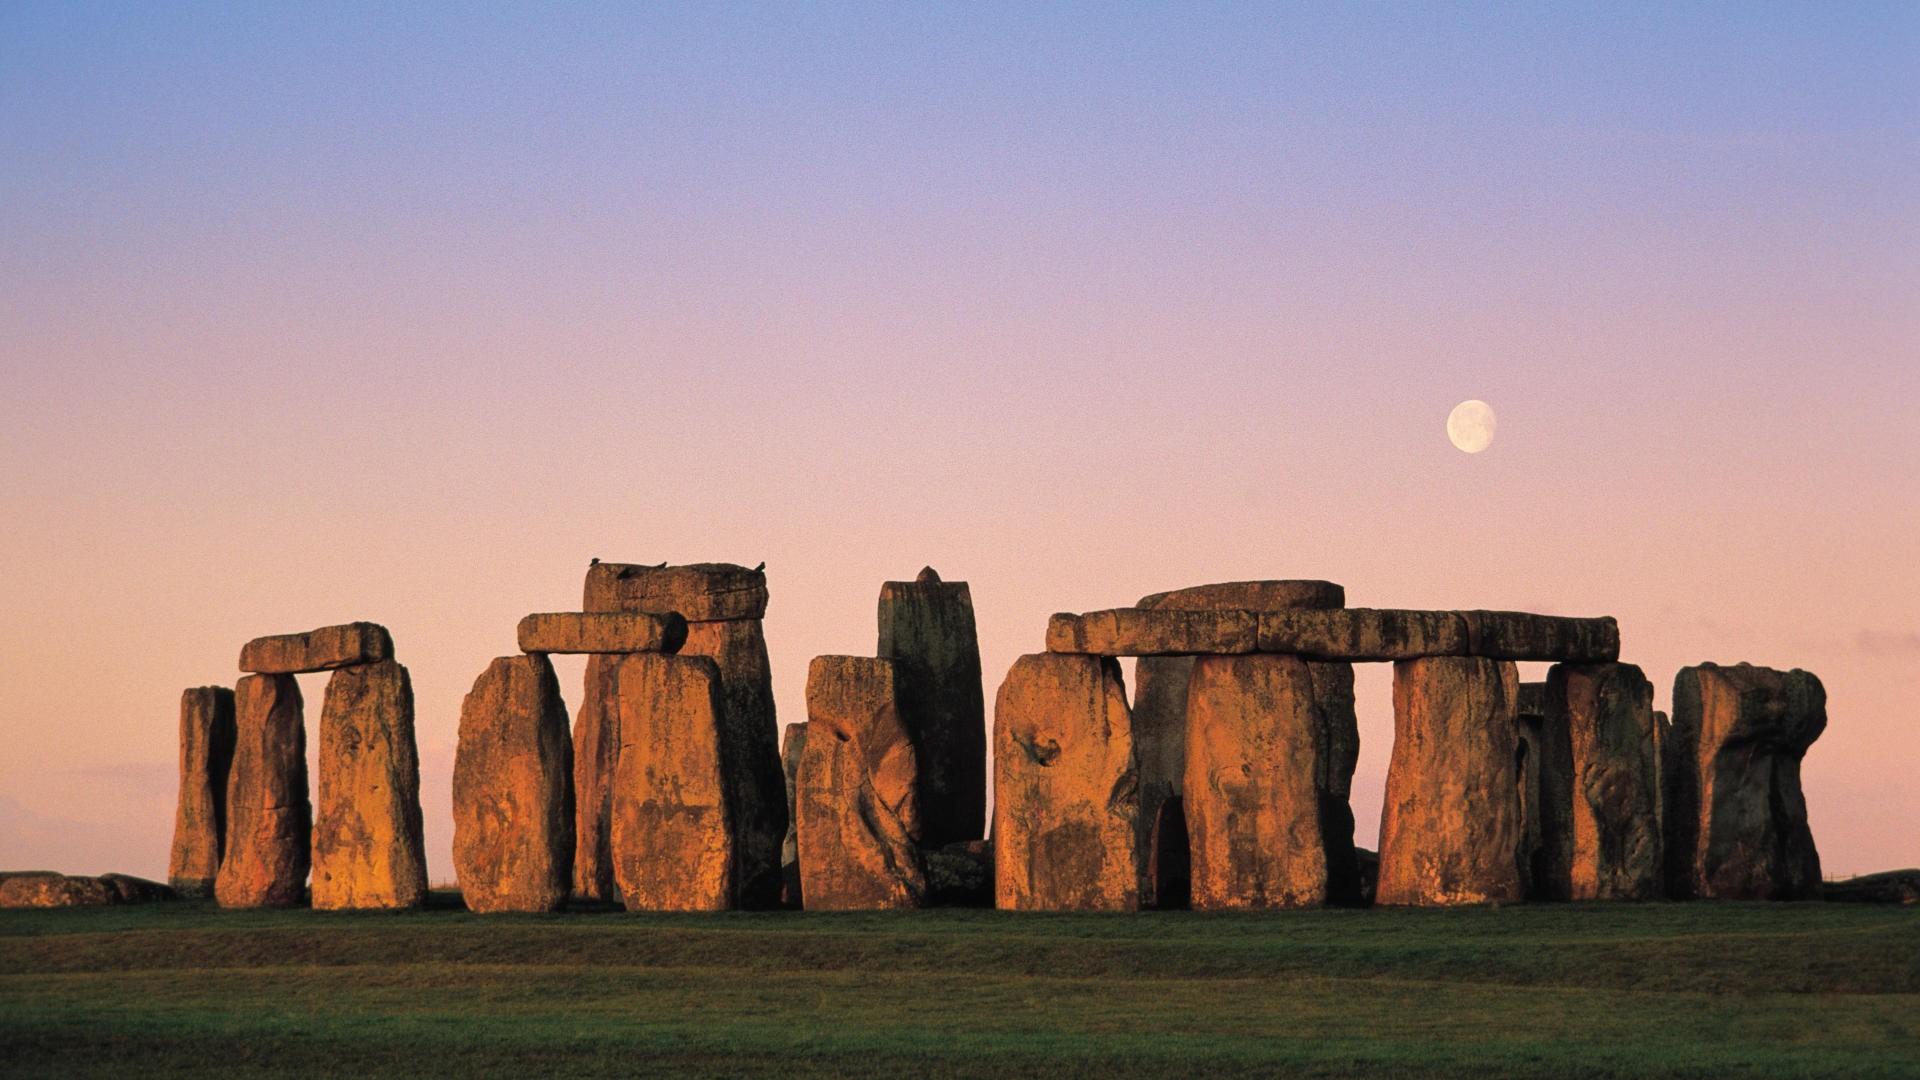 Stonehenge Images